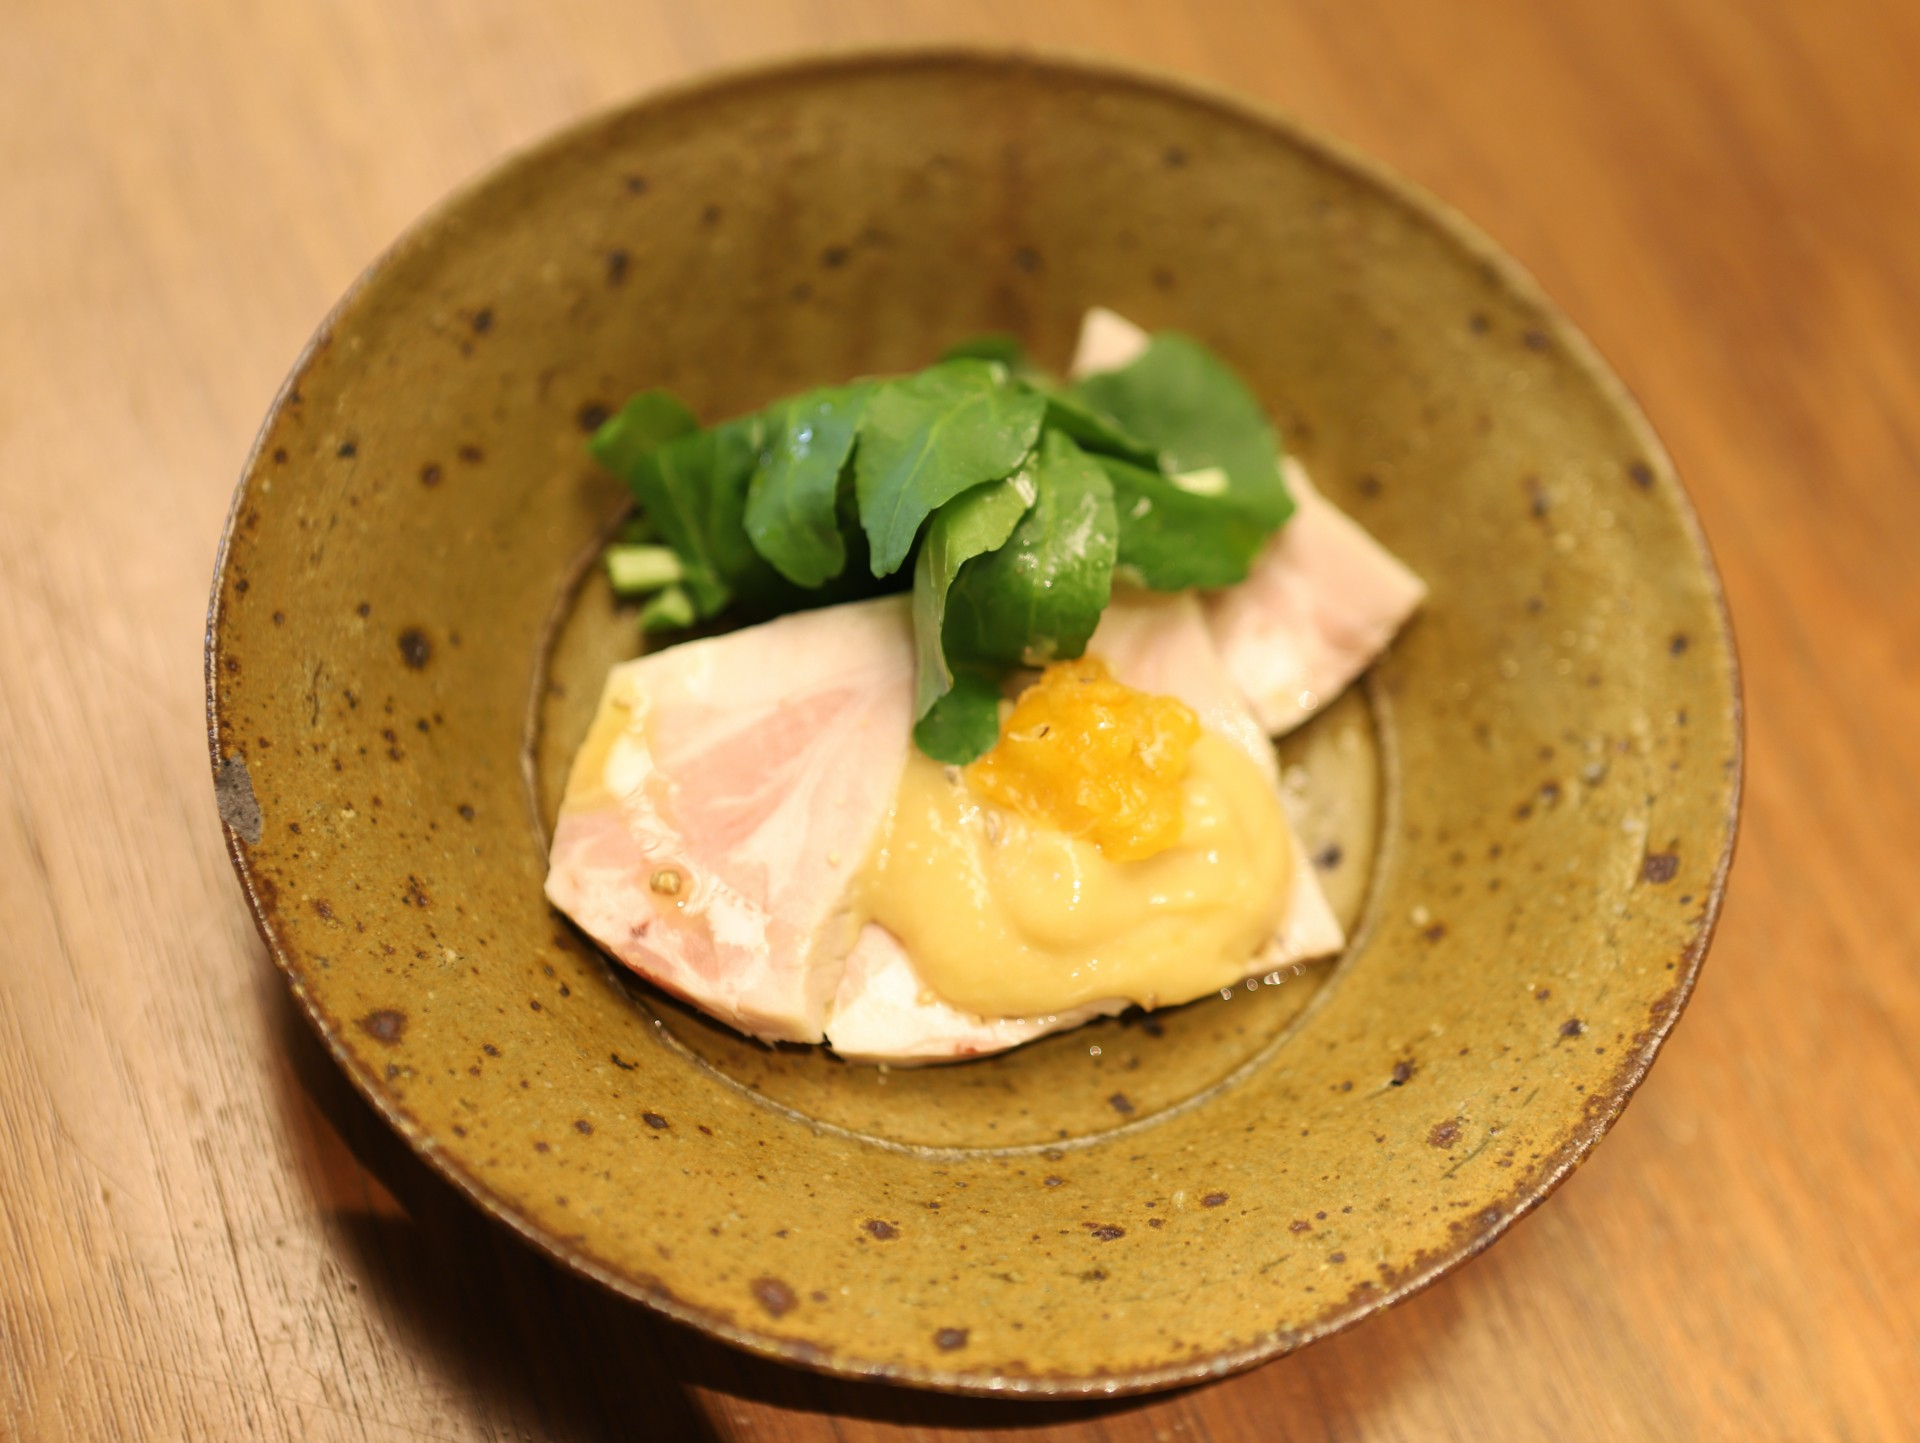 酒喜惣菜レシピ「蒸し豚とクレソンのぬた」